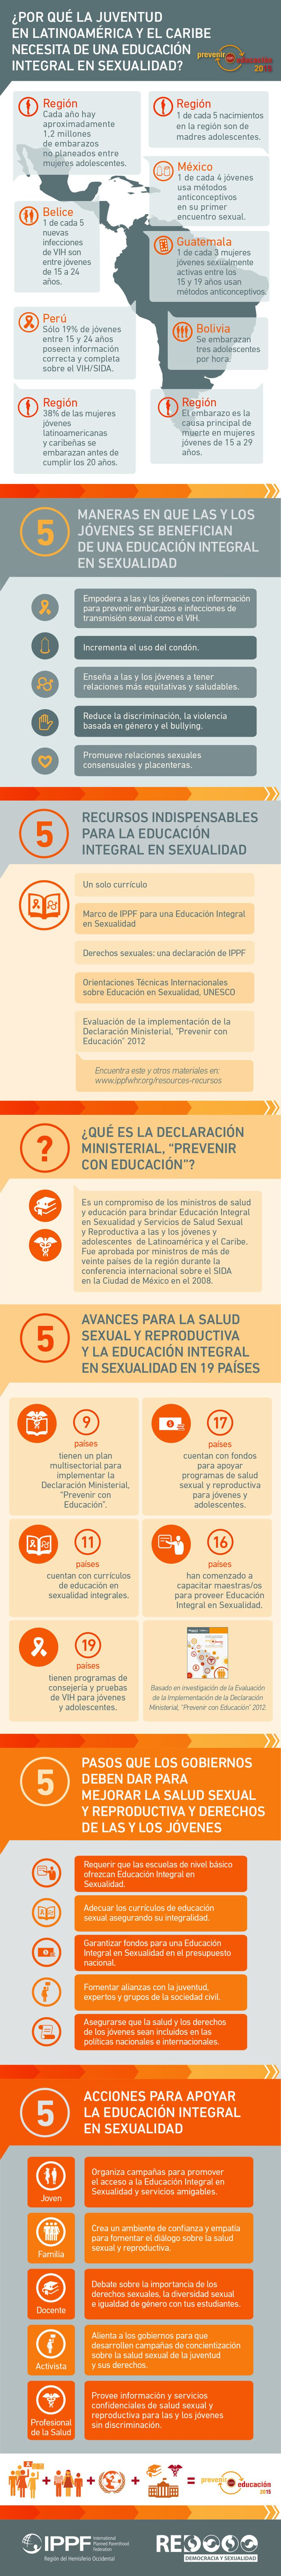 Infografía: ¿Por qué la juventud en Latinoamérica y el Caribe necesita de una educación integral en sexualidad?